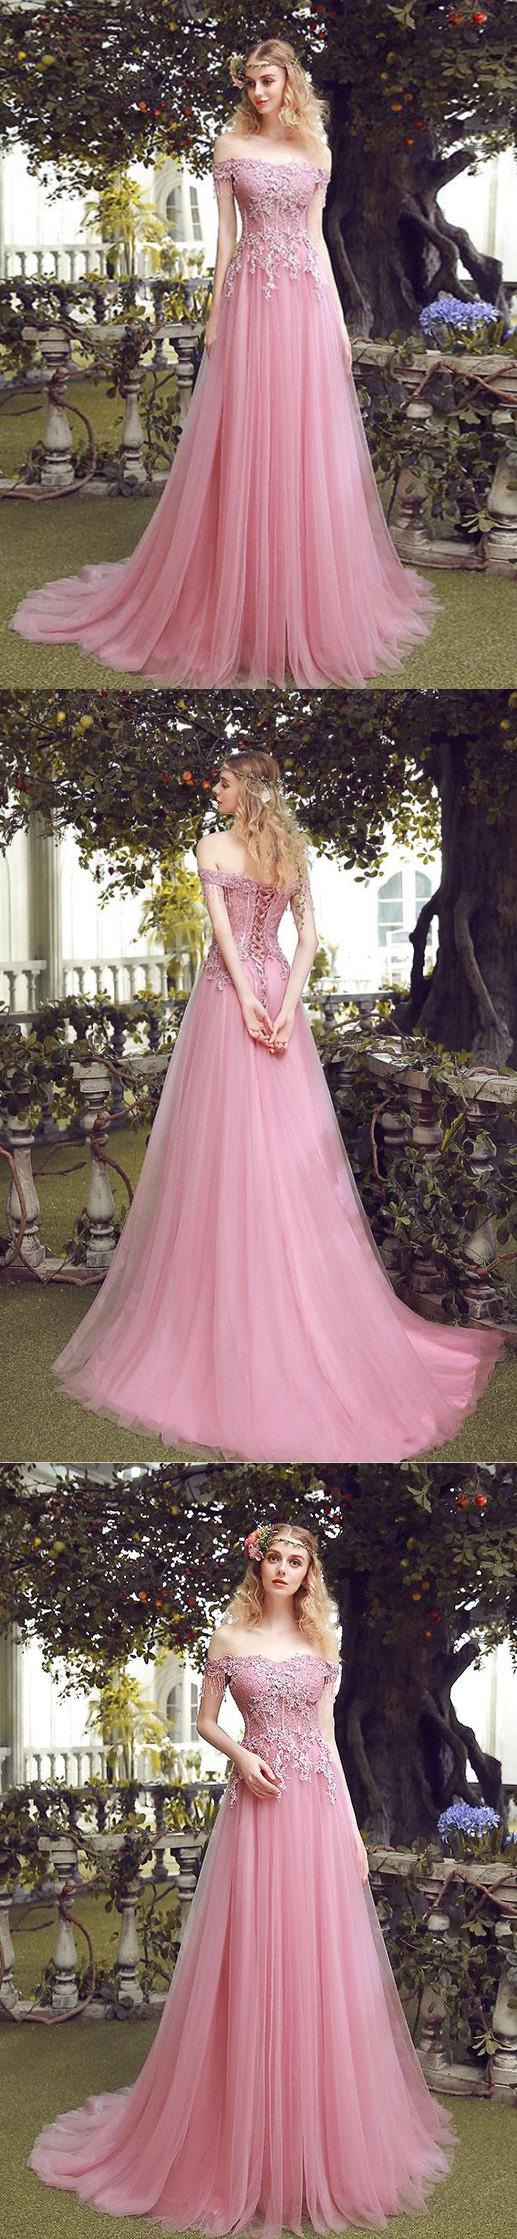 Aline offtheshoulder floorlength short tulle prom dressevening